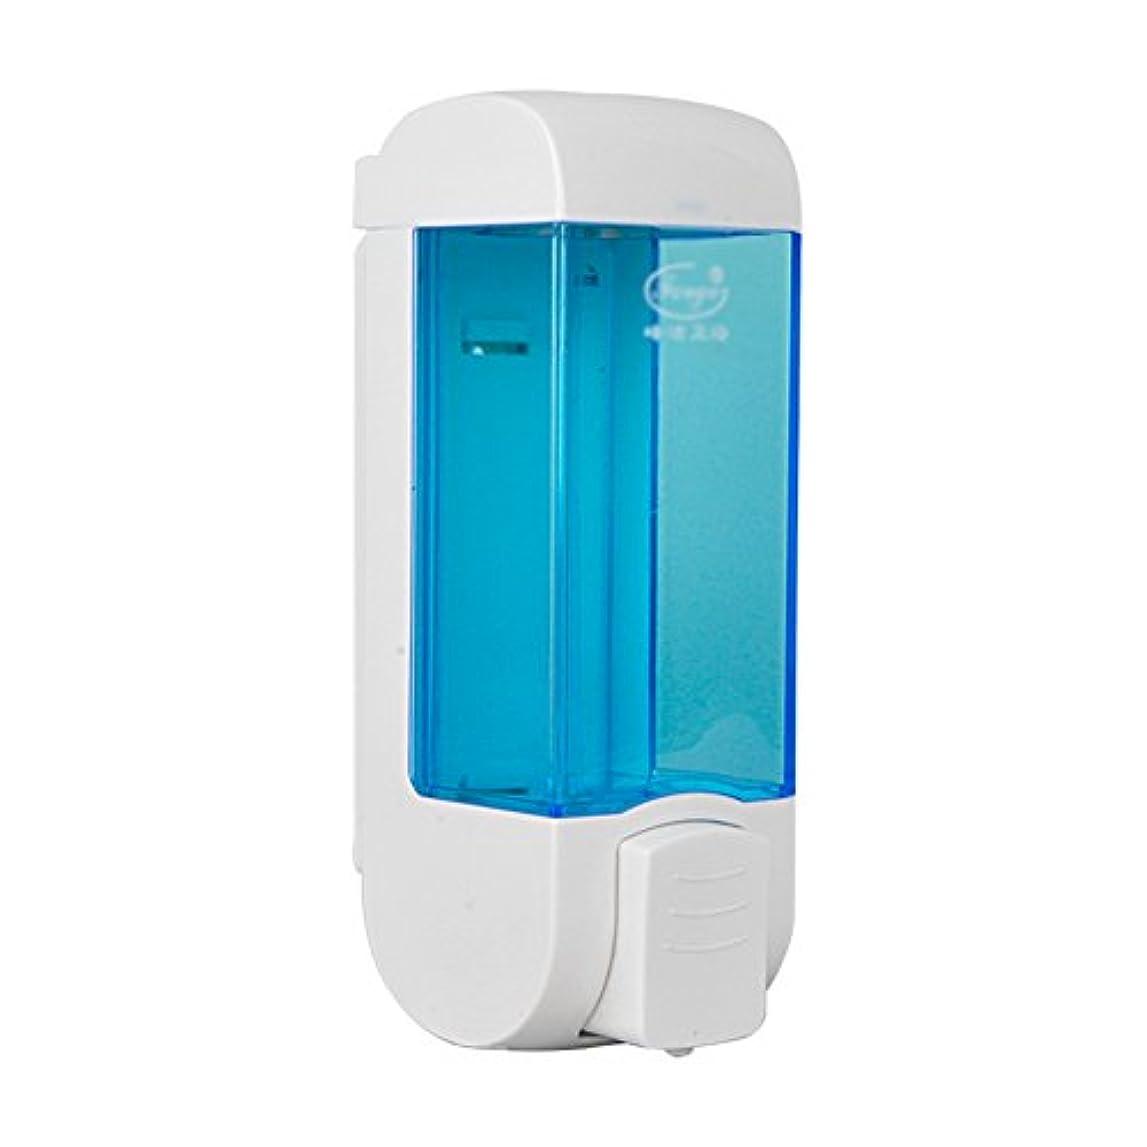 師匠持っている時代遅れZEMIN ソープディスペンサー 壁掛け式 石鹸ディスペンサー 帰納的 マニュアル ポンプ 2頭 シャンプー 液体 石鹸 クリーン、 プラスチック、 青、 300ML (色 : 1)